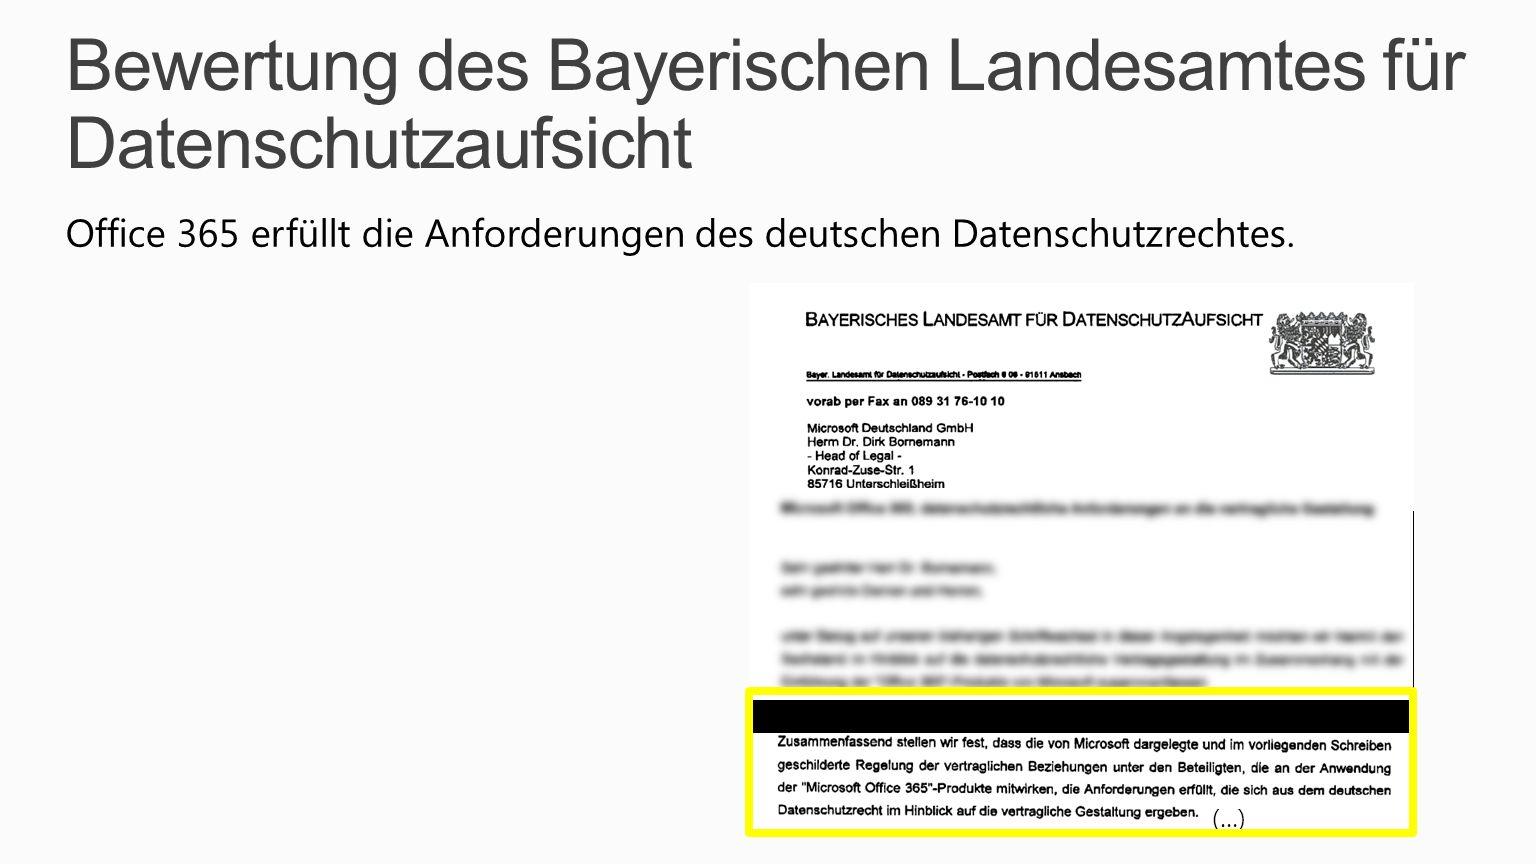 Bewertung des Bayerischen Landesamtes für Datenschutzaufsicht Office 365 erfüllt die Anforderungen des deutschen Datenschutzrechtes. (…)